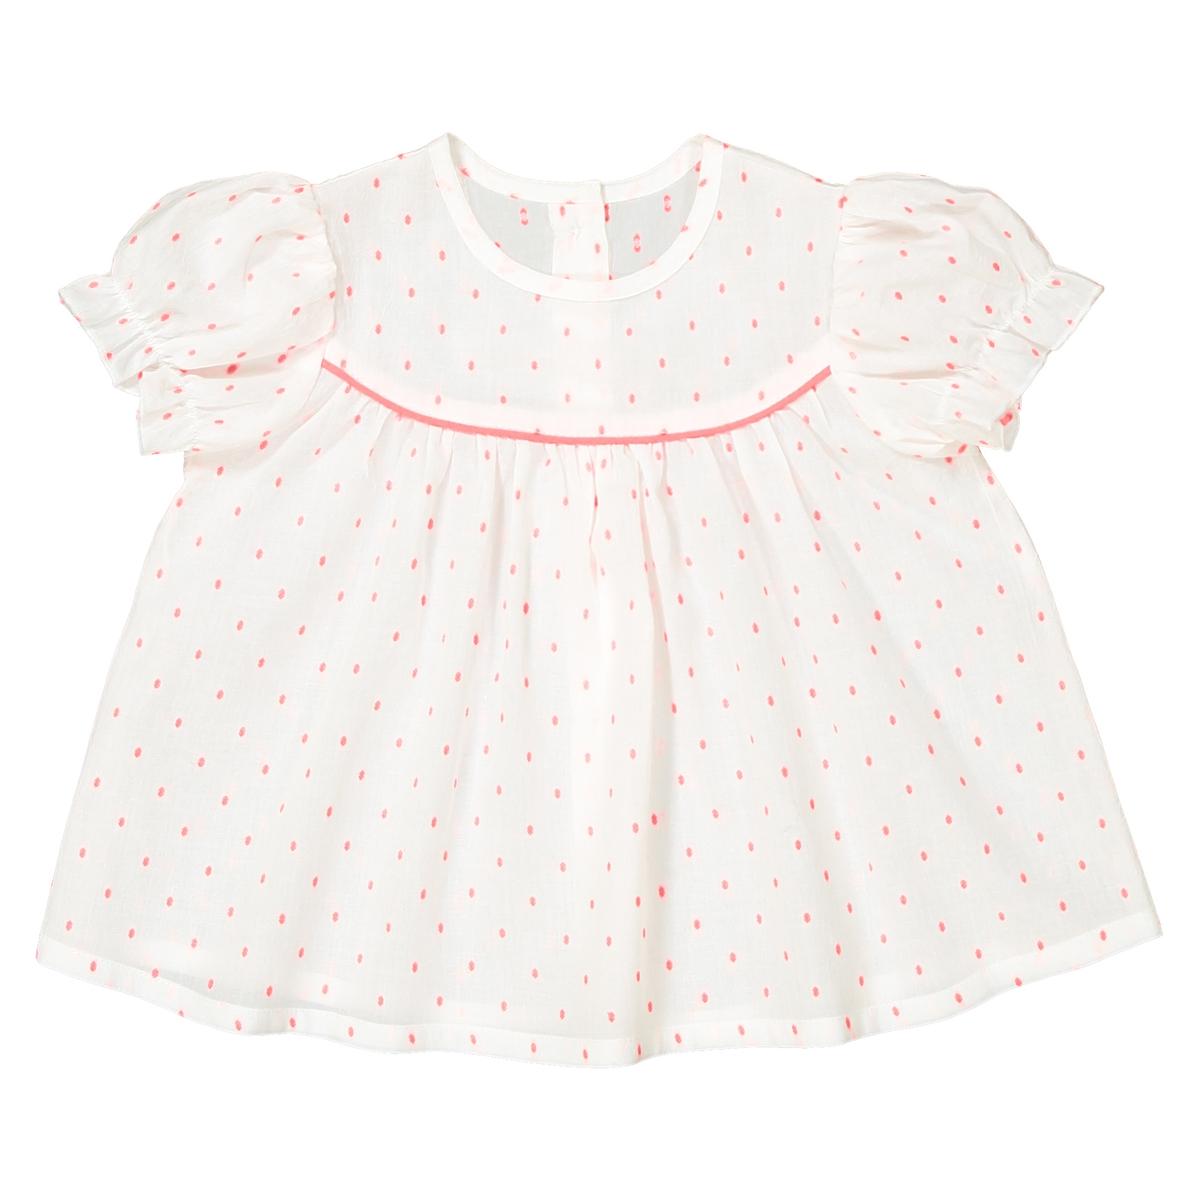 Блузка с короткими рукавами и рисунком, 1 мес. - 3 года